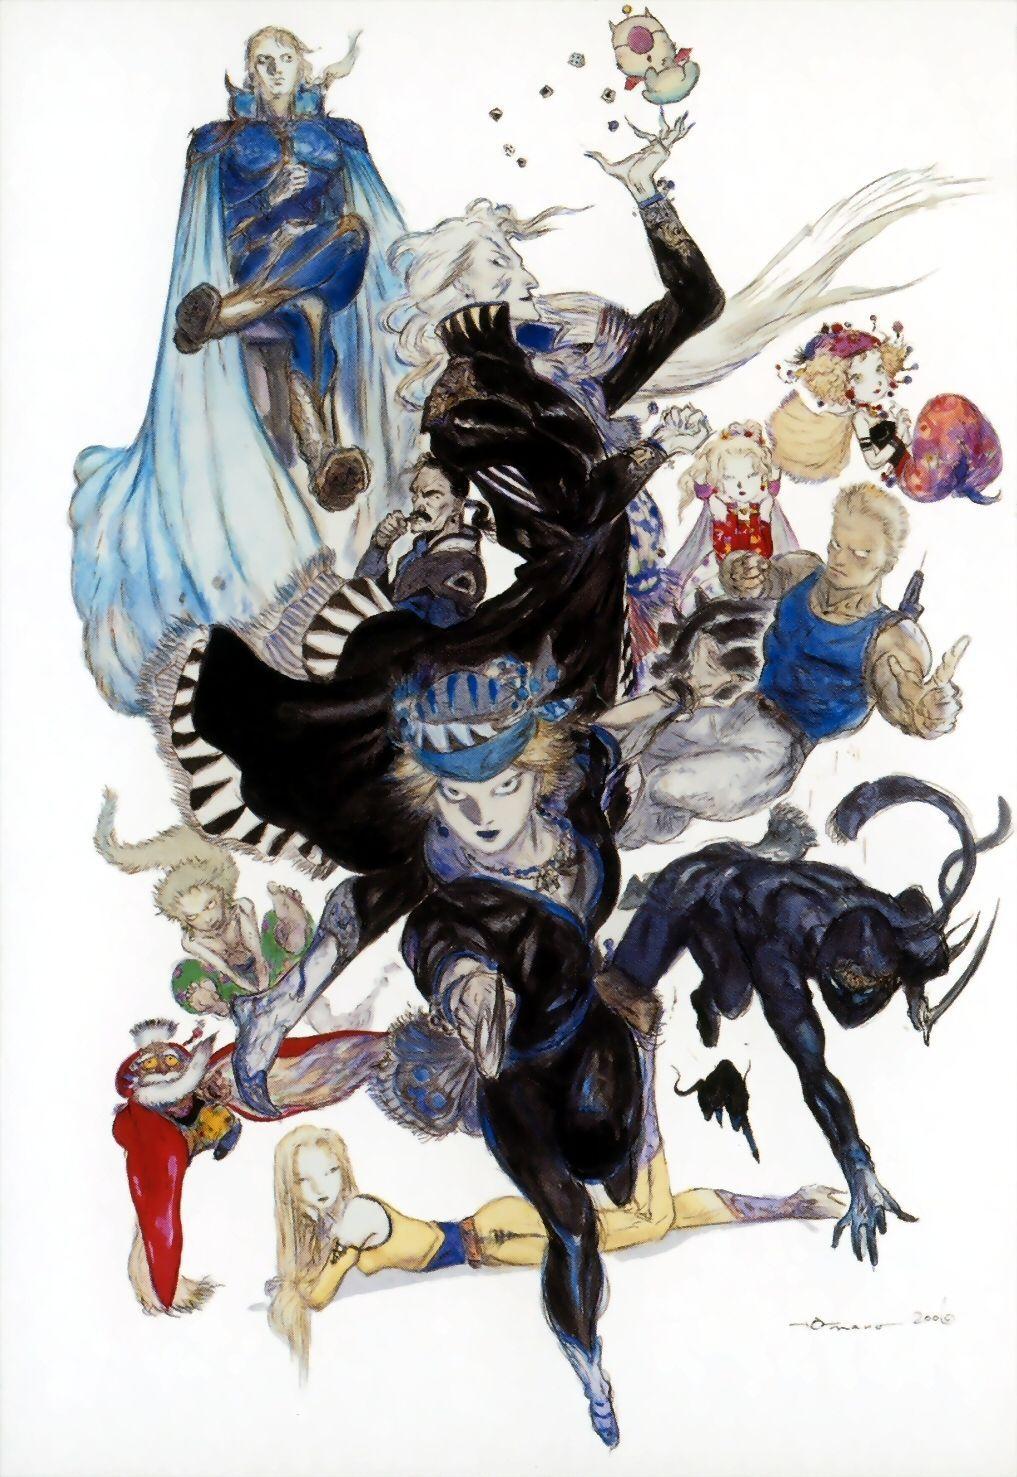 ¿Entre todo los personajes de Final fantasy VI en cual tuvo influencia Nomura?